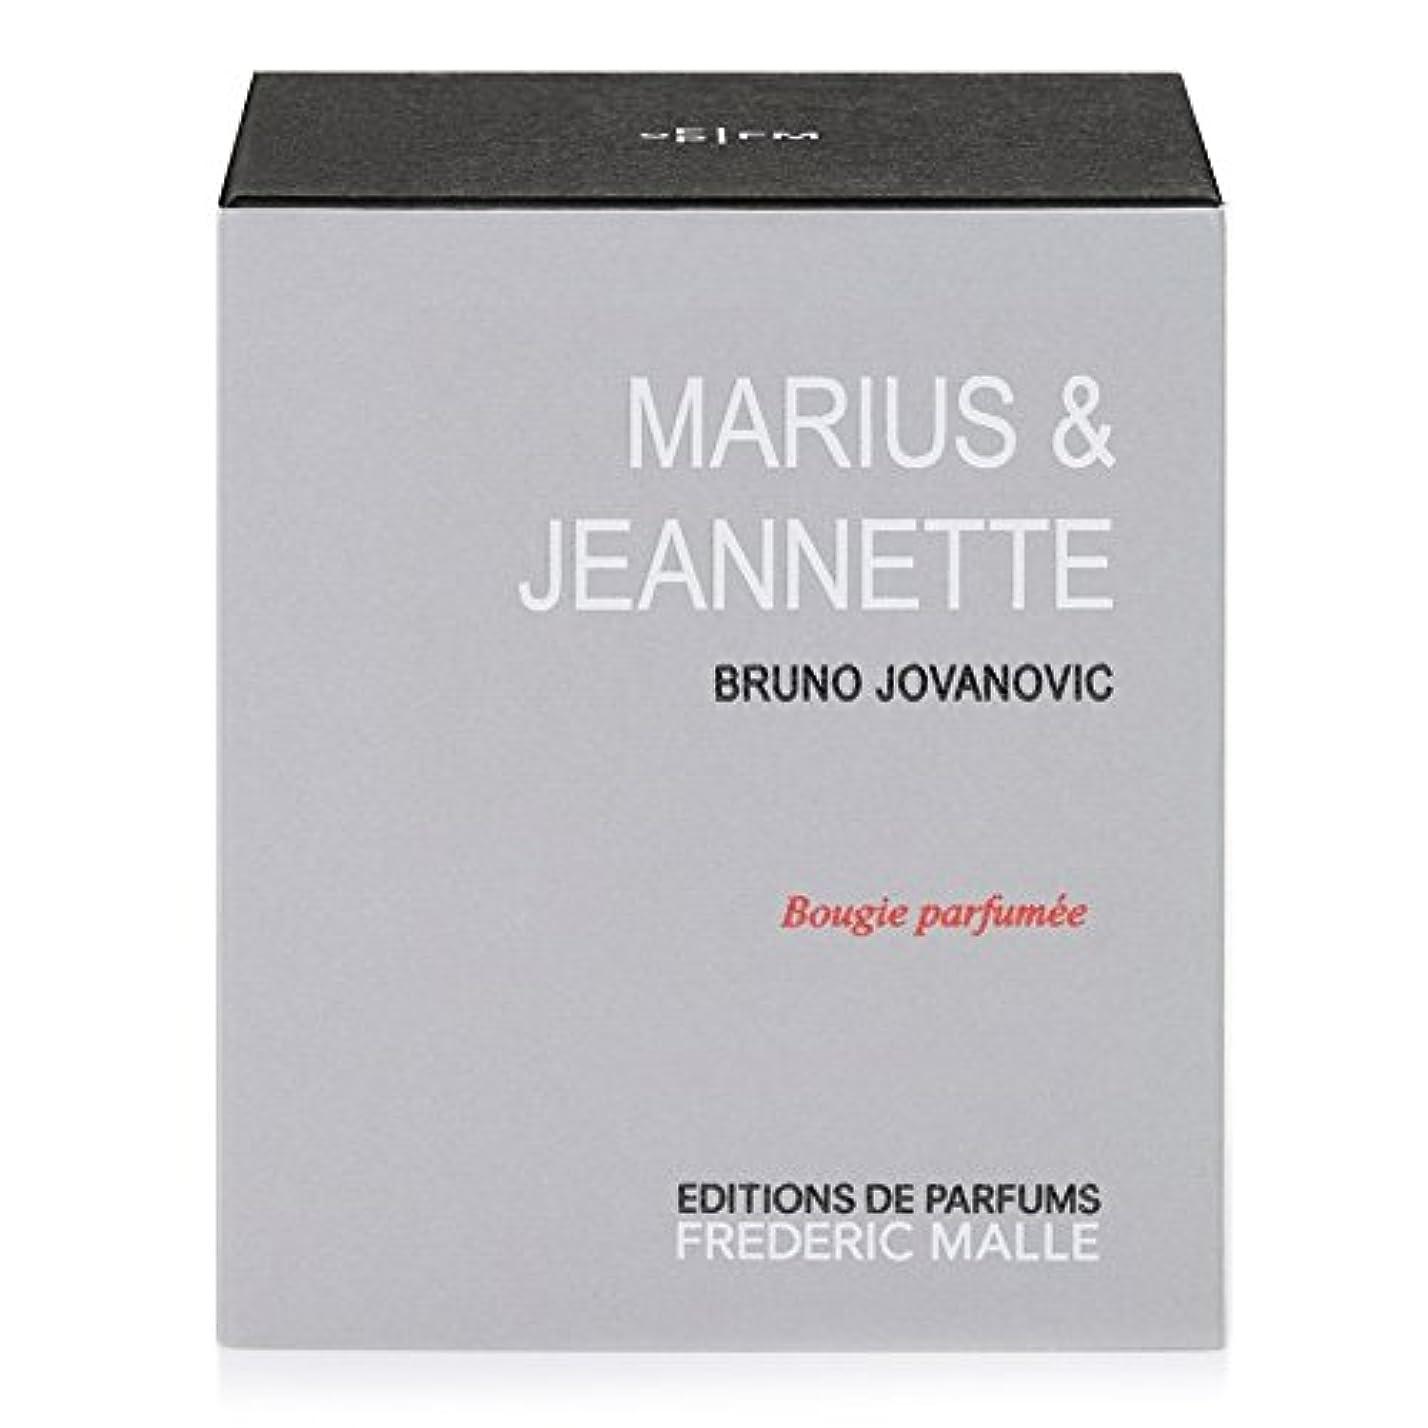 ヘッドレス支出一般的なFrederic Malle Maruis and Jeanette Scented Candle - フレデリック?マル とジャネット?香りのキャンドル [並行輸入品]